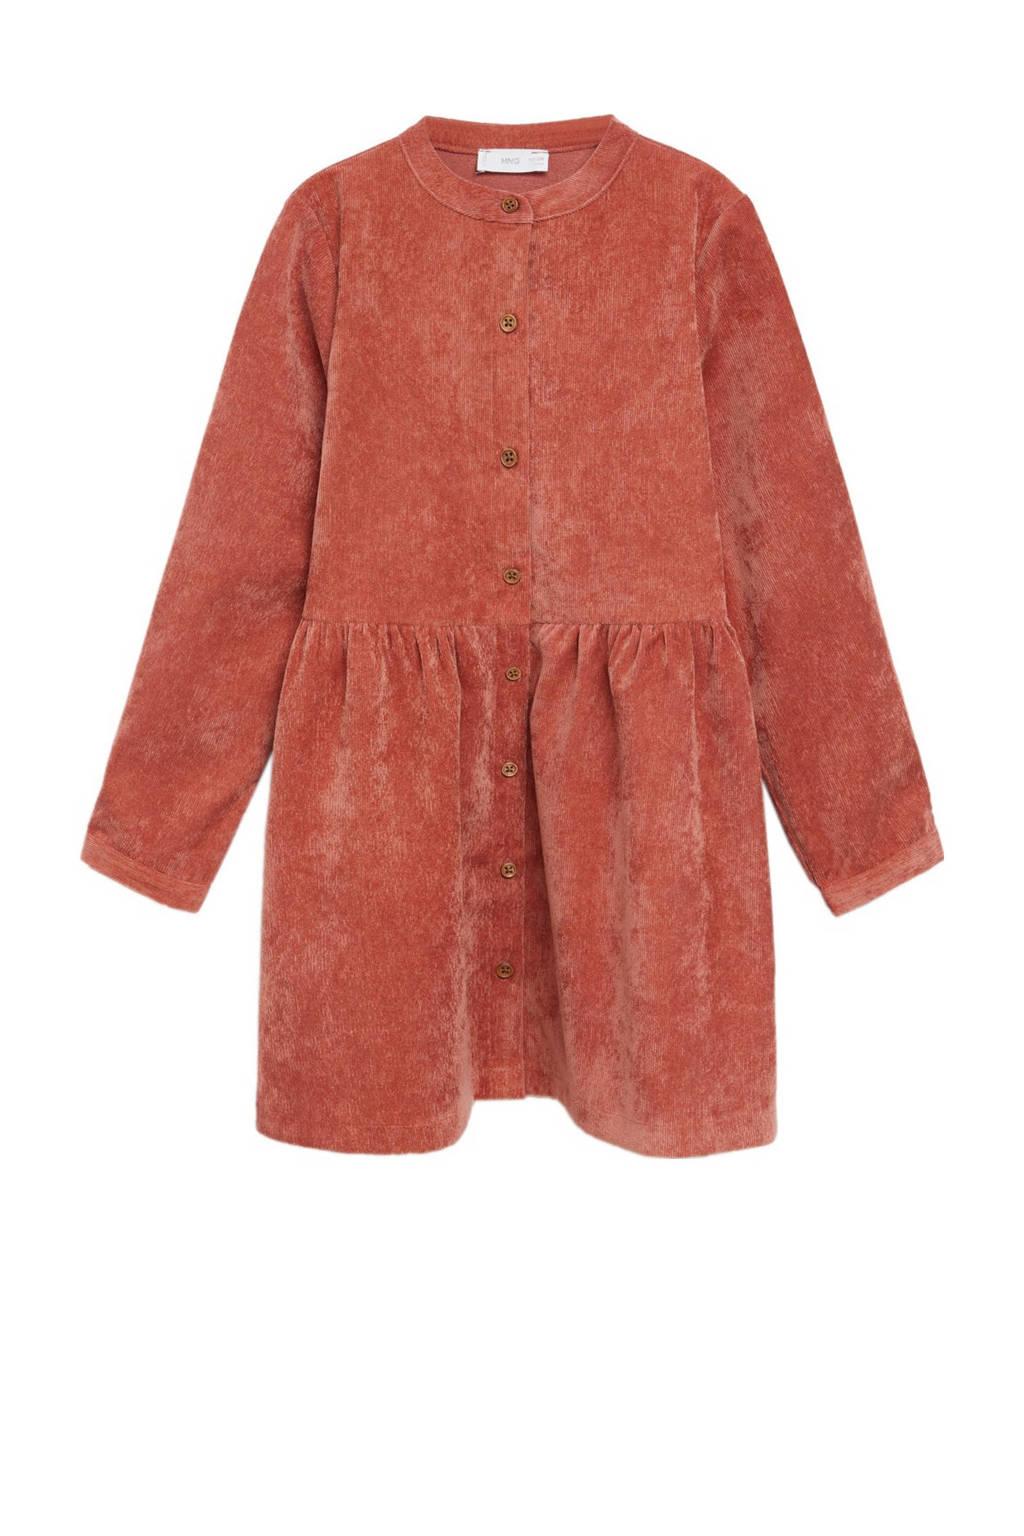 Mango Kids corduroy A-lijn jurk oranje, Oranje